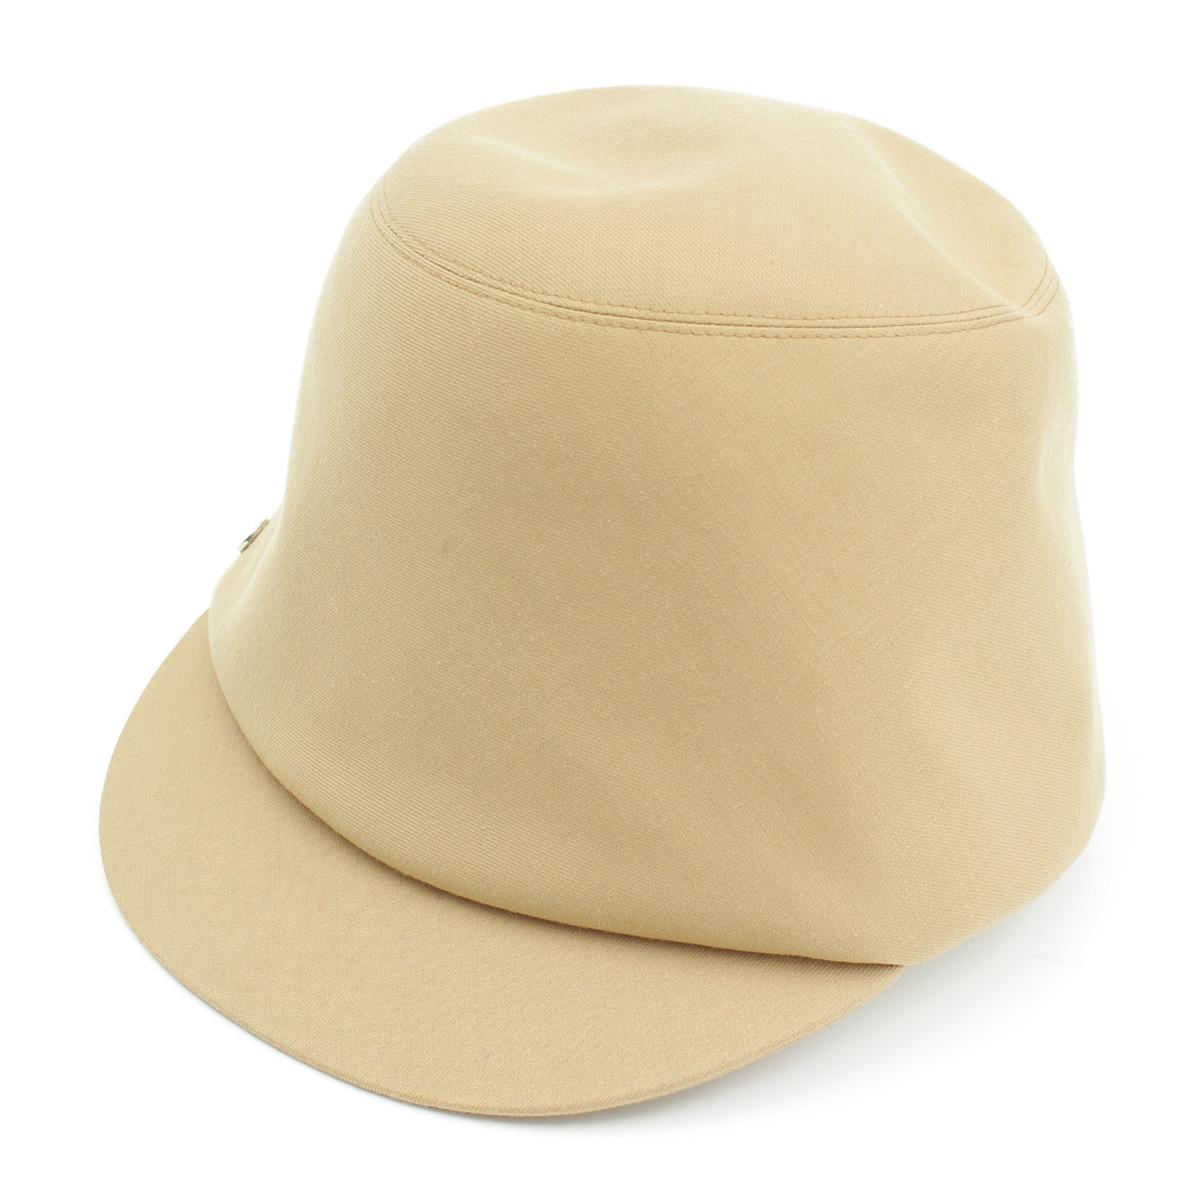 【エルメス】Hermes 2017年 キャスケット 帽子 ベージュ 56 【中古】【鑑定済・正規品保証】【送料無料】26788